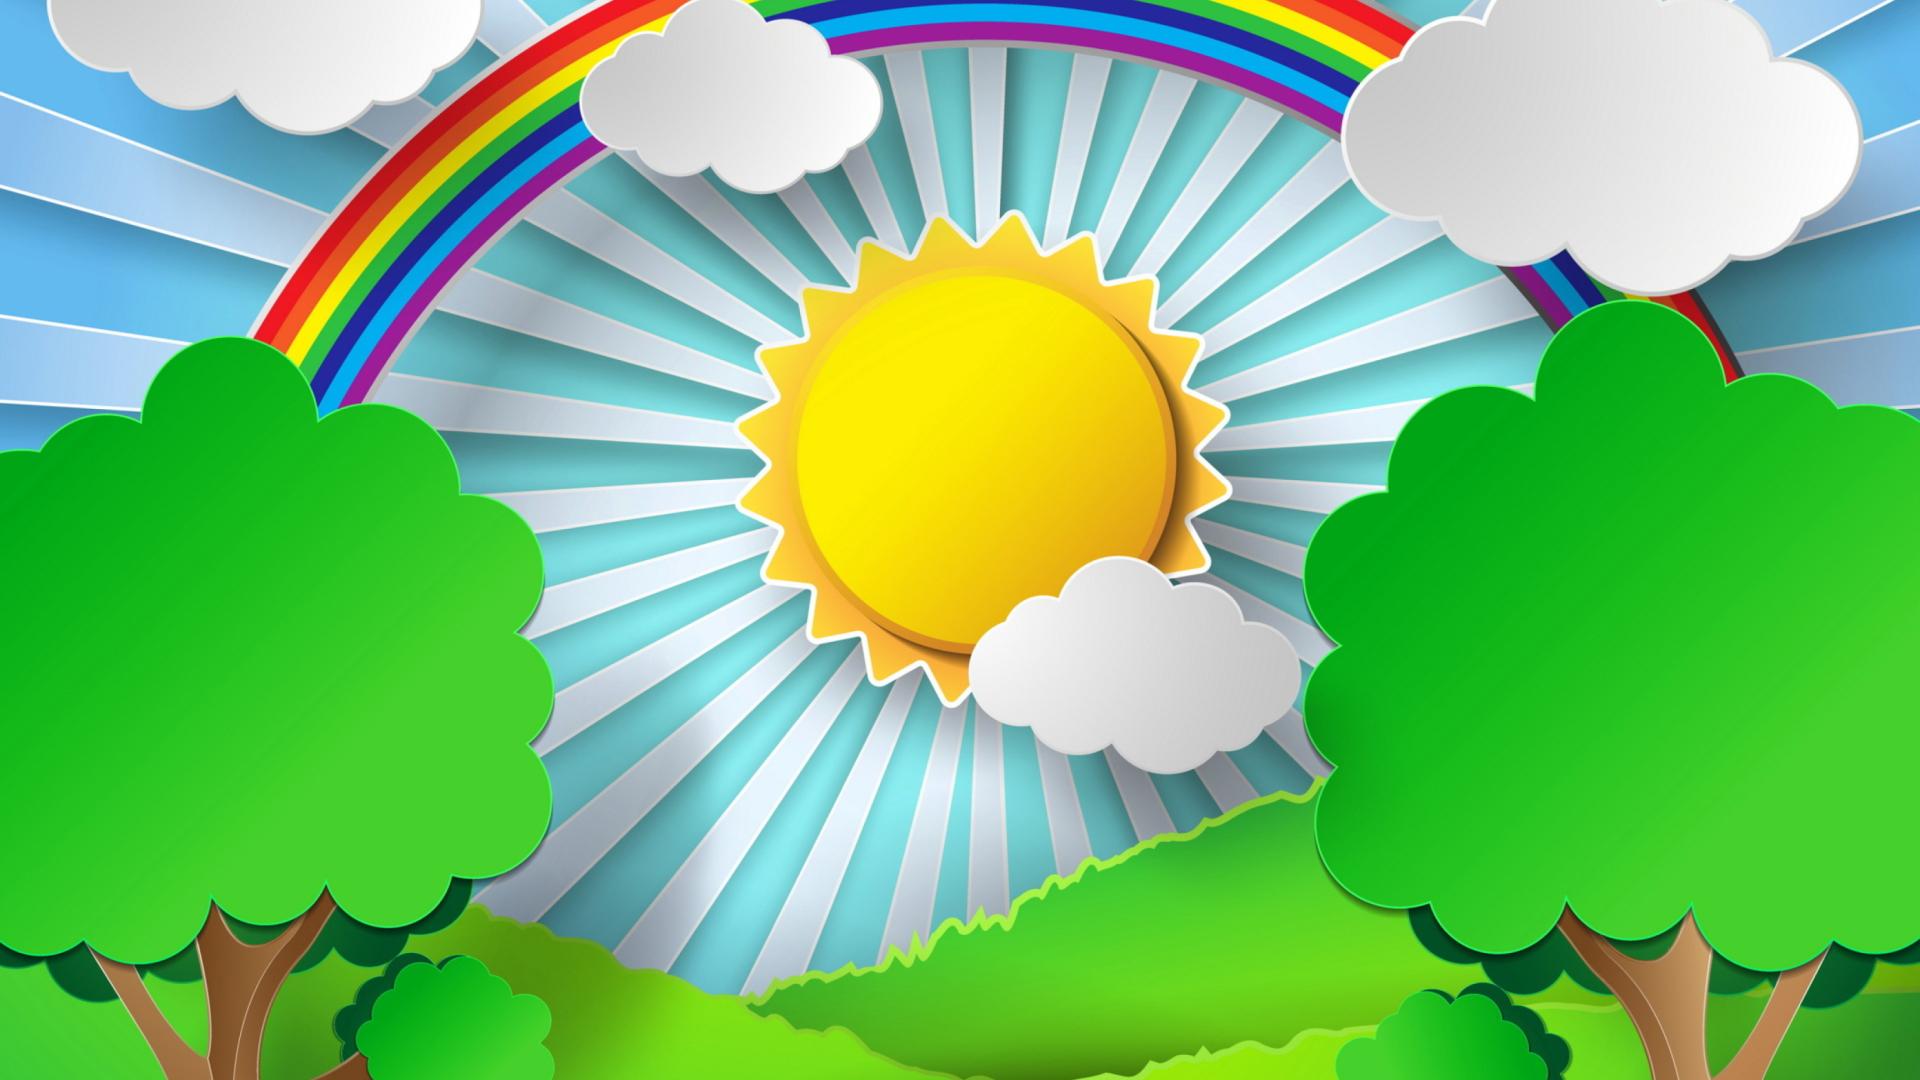 Картинки солнечной погоды для детей, картинках детские открытки